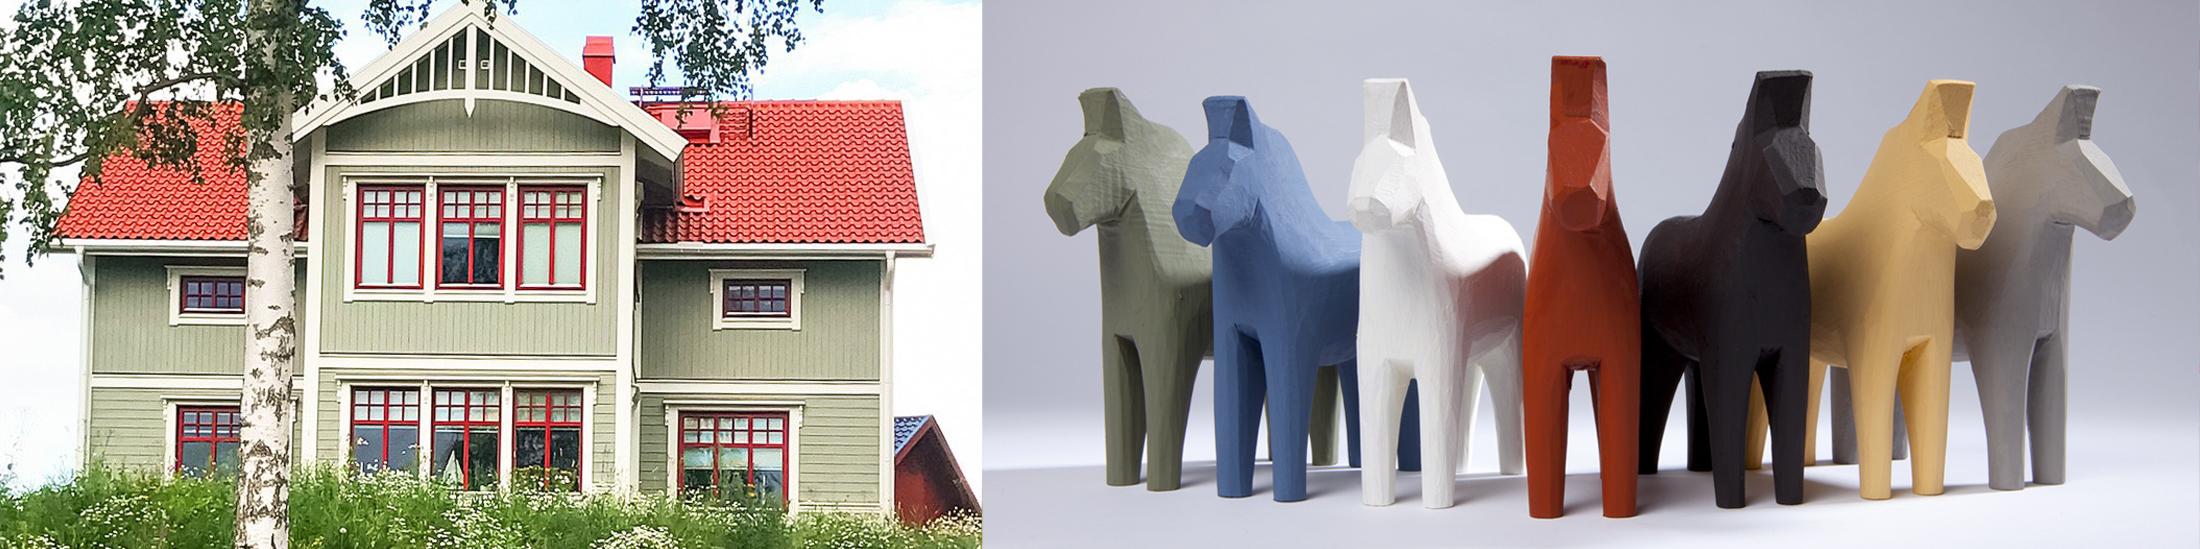 Falu Rödfärg Knut&Foder